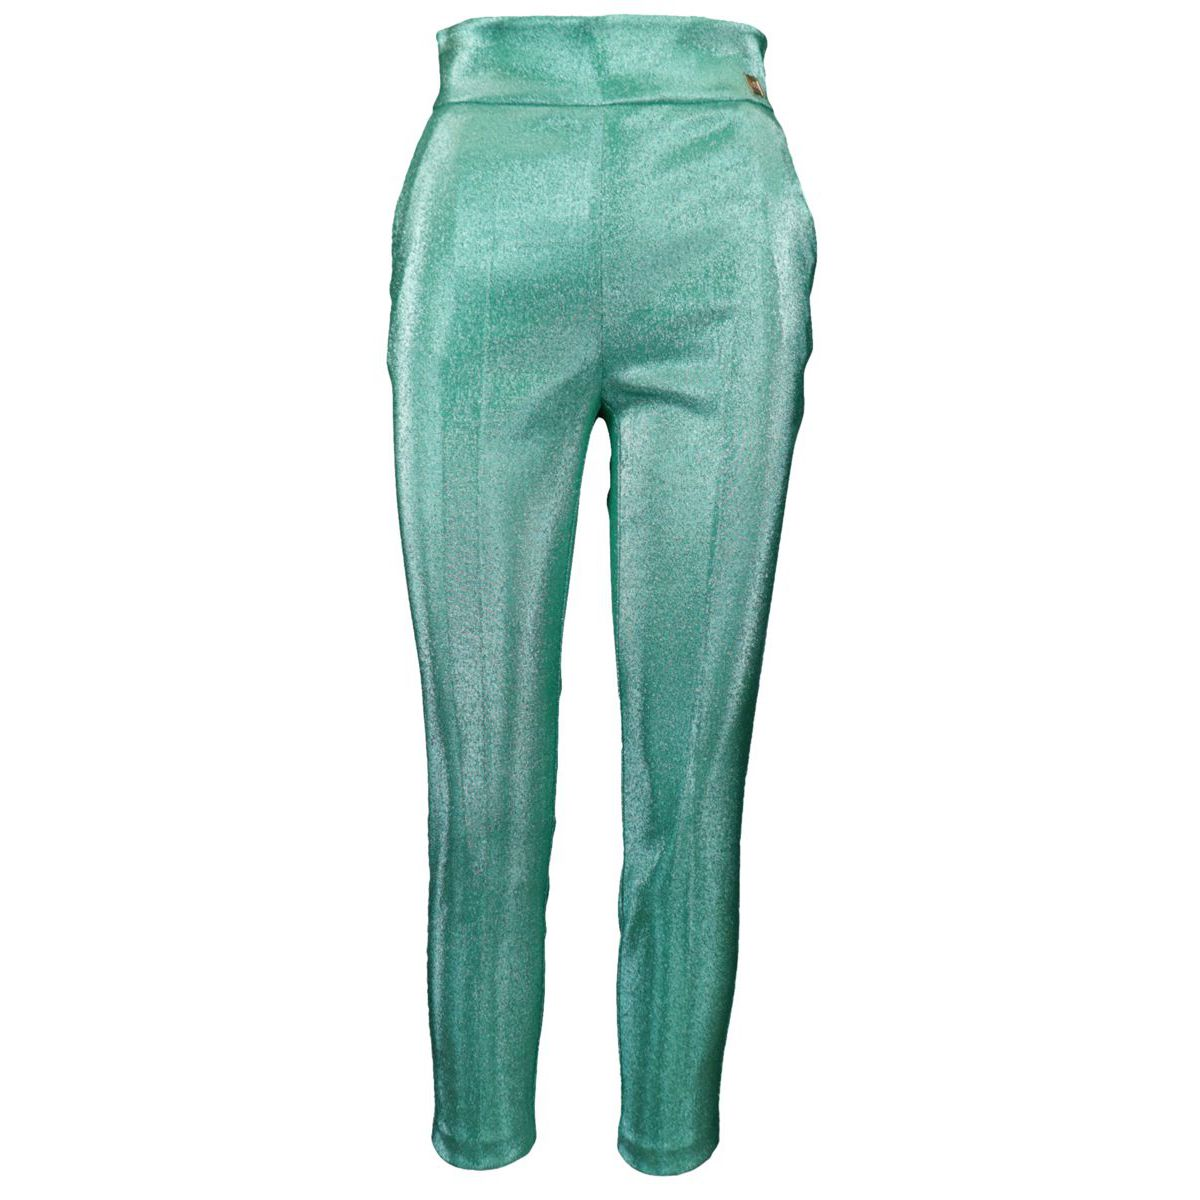 Pantalone in lurex a vita alta Verde acqua Elisabetta Franchi